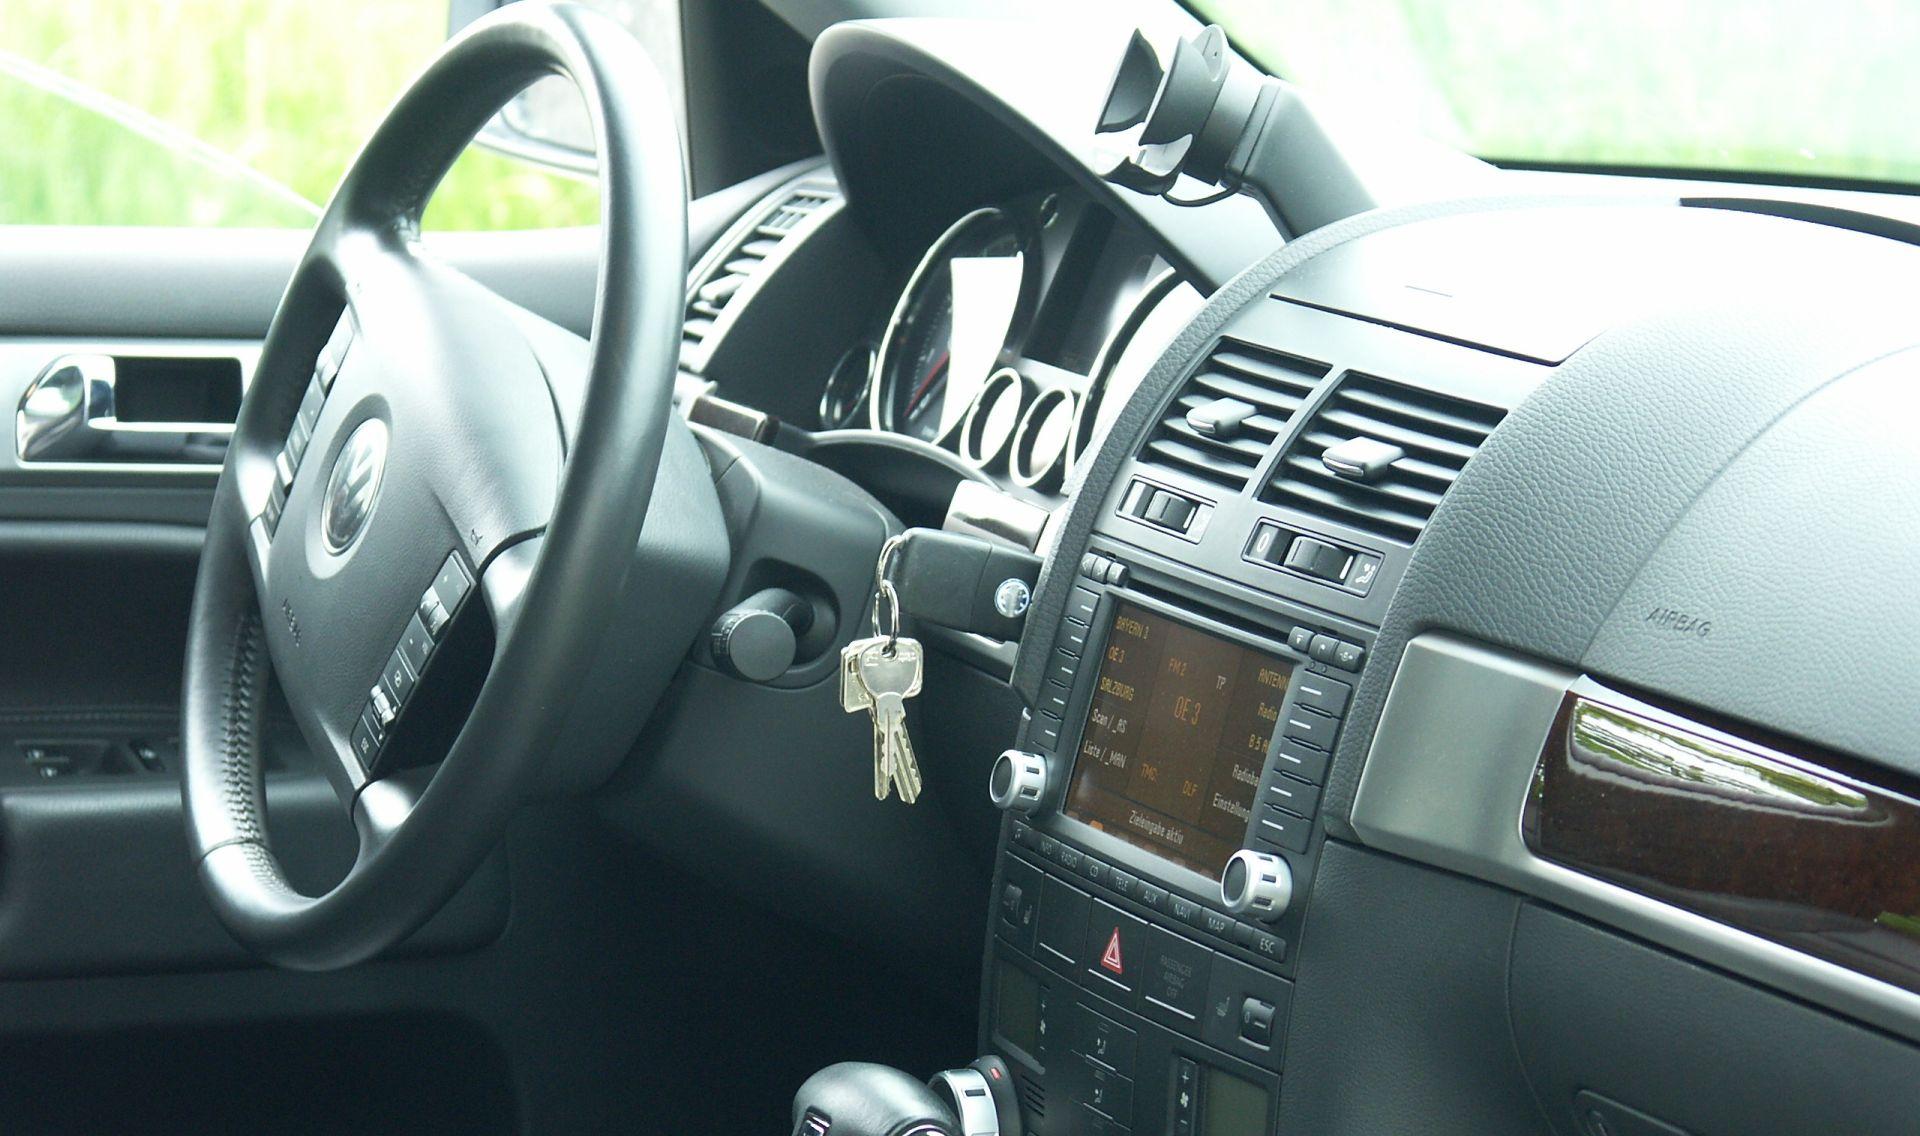 SKANDAL U VW-U Amerikaci pronašli napravu za varanje i u vozilima s većim motorima